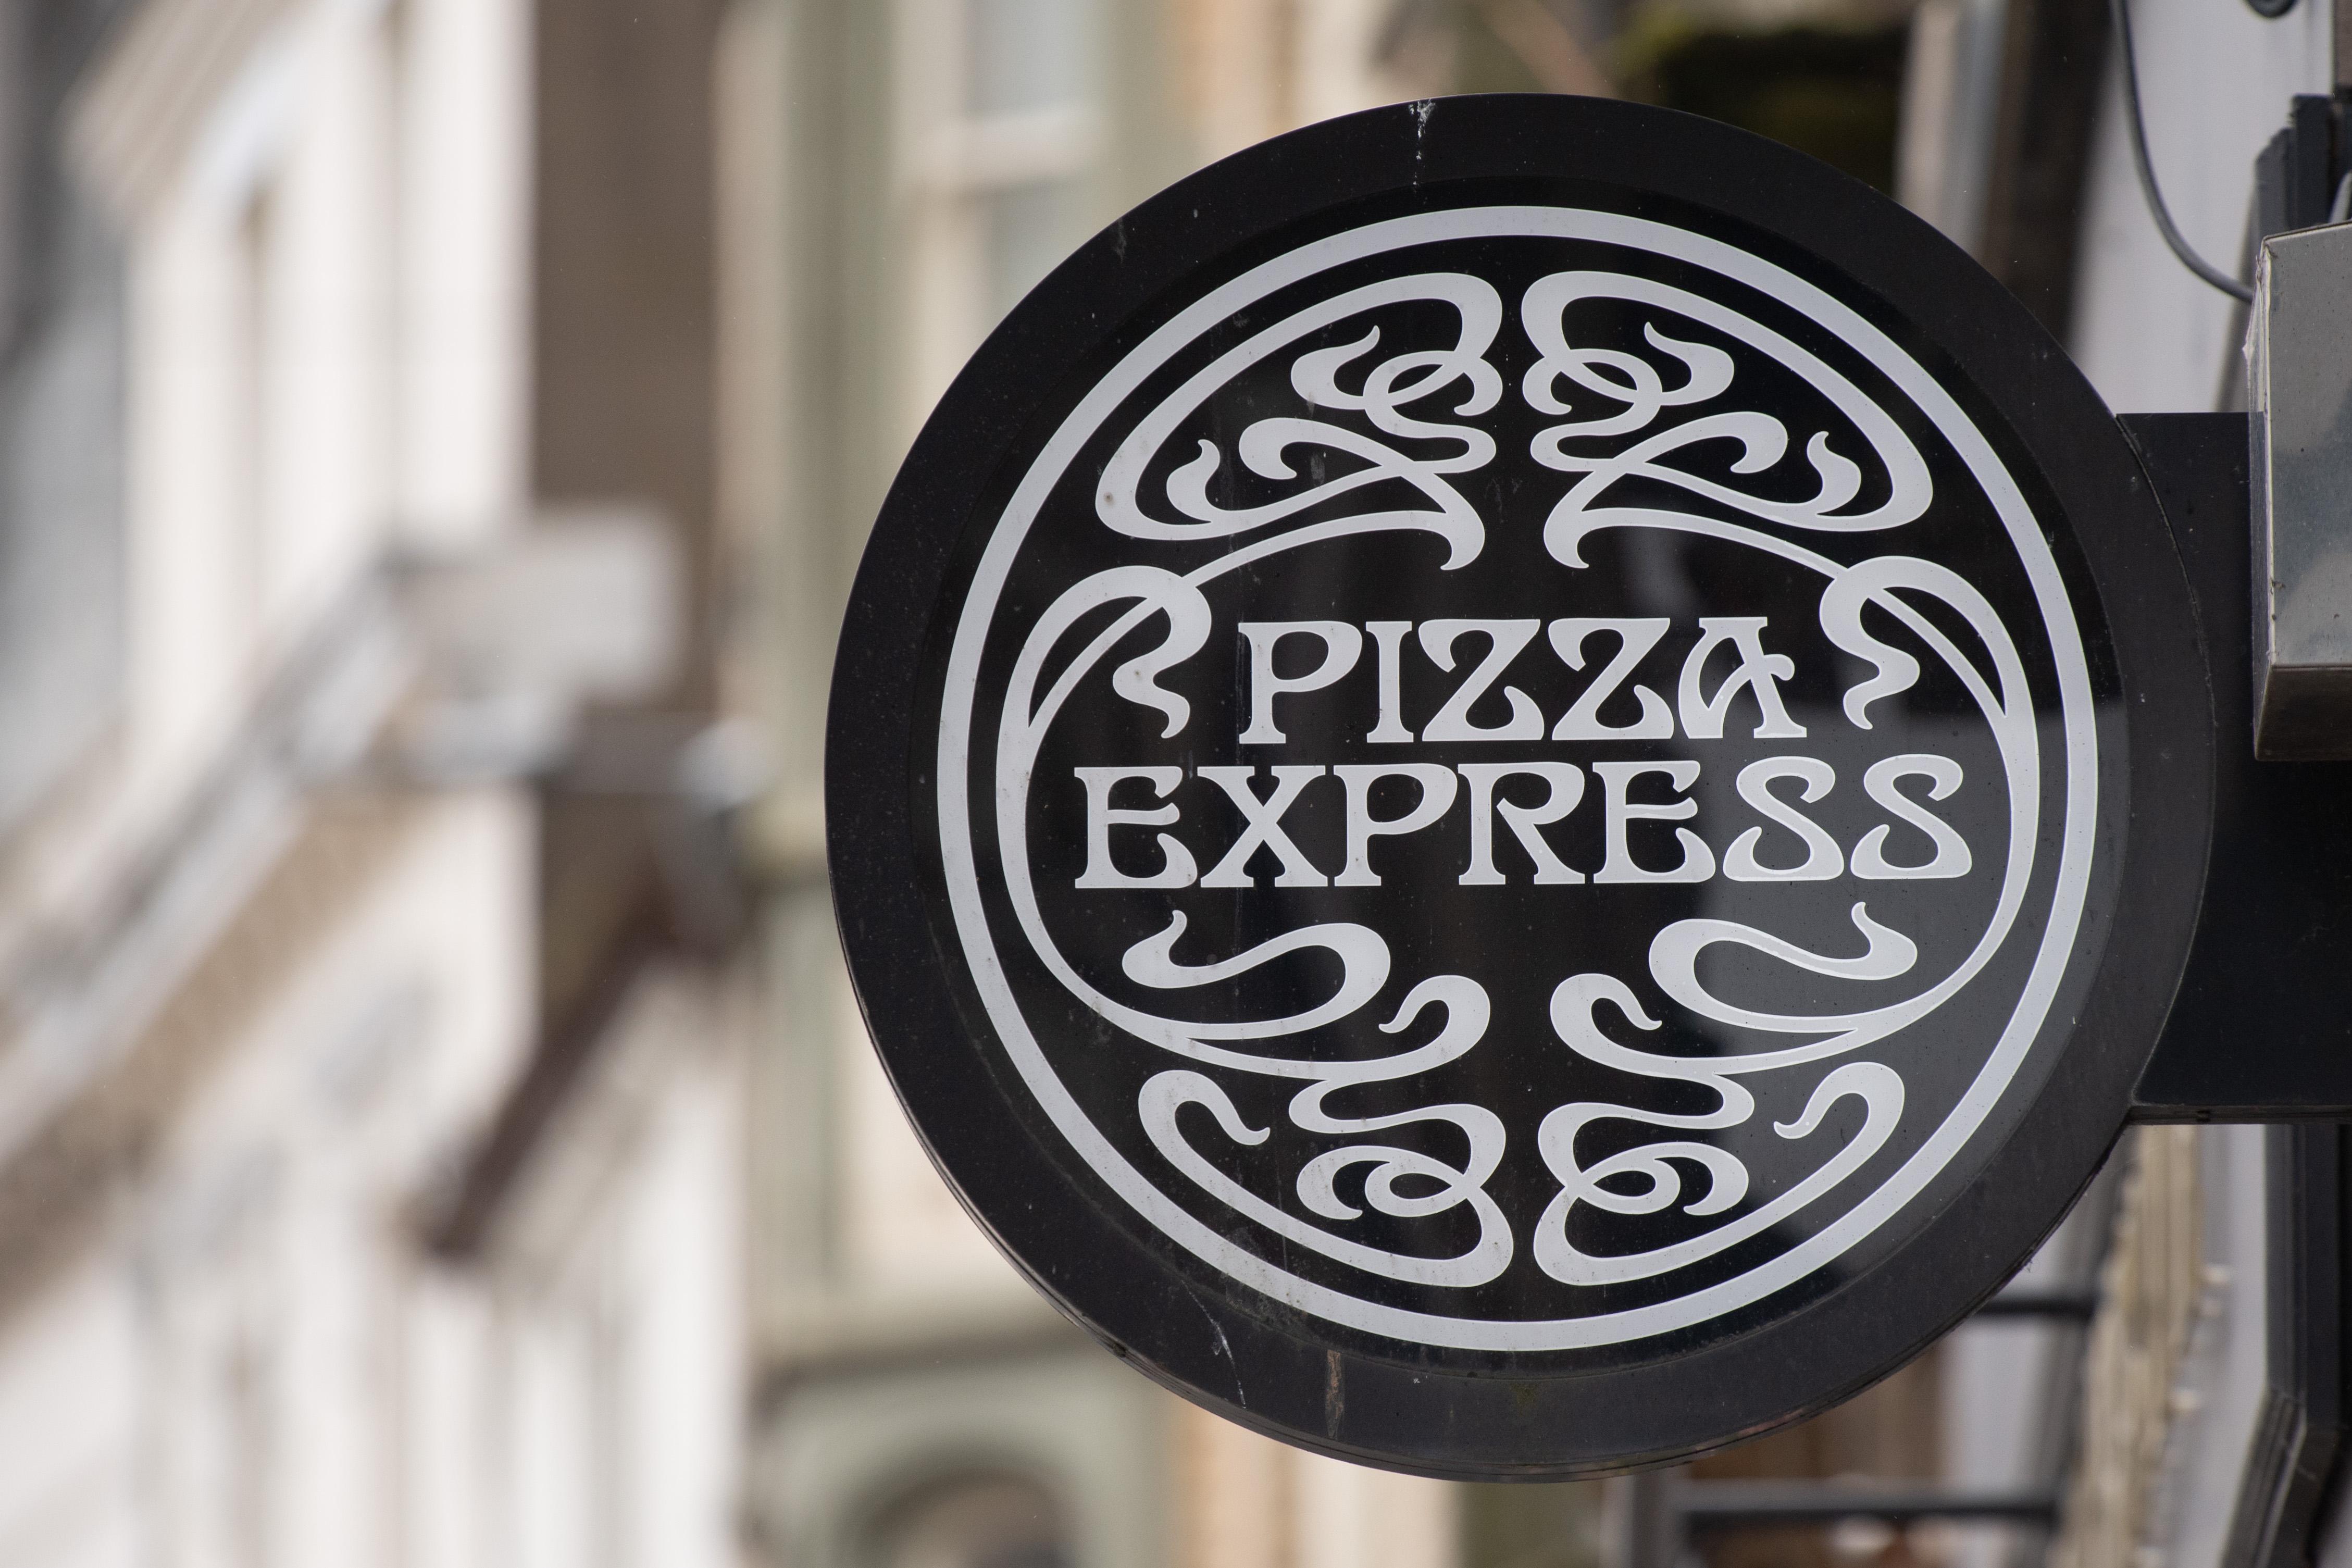 Pizza Express logo above a Pizza Express restaurant